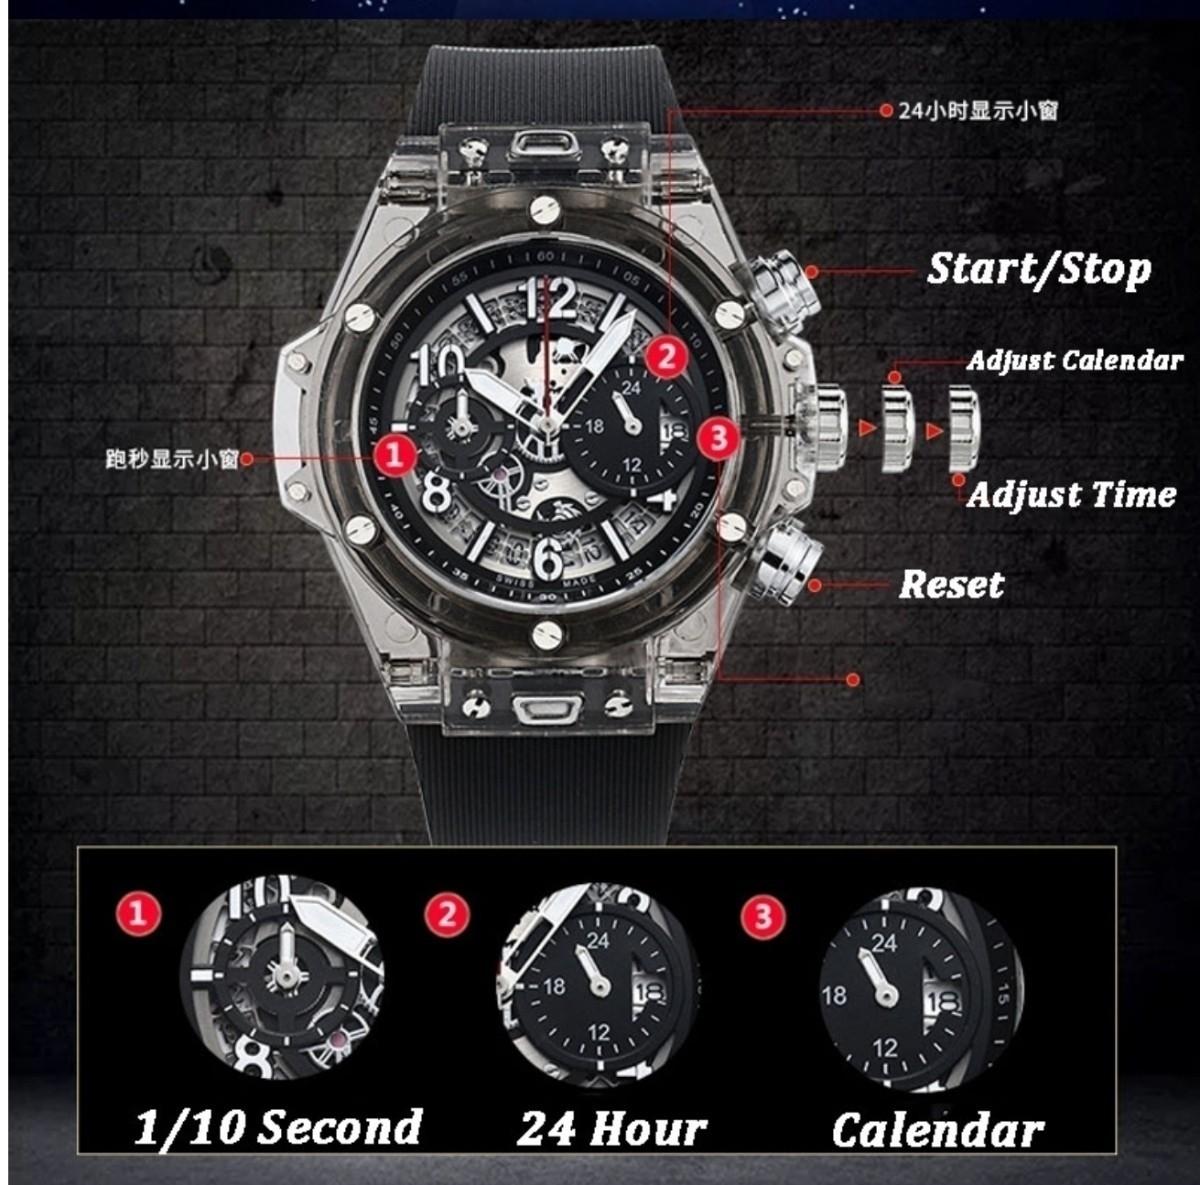 【送料無料】1~2日で到着!! KIMSDUN 正規品 ラバーバンド スケルトンウォッチ メンズ クォーツ 高級腕時計 オマージュウォッチ noob JF_画像5